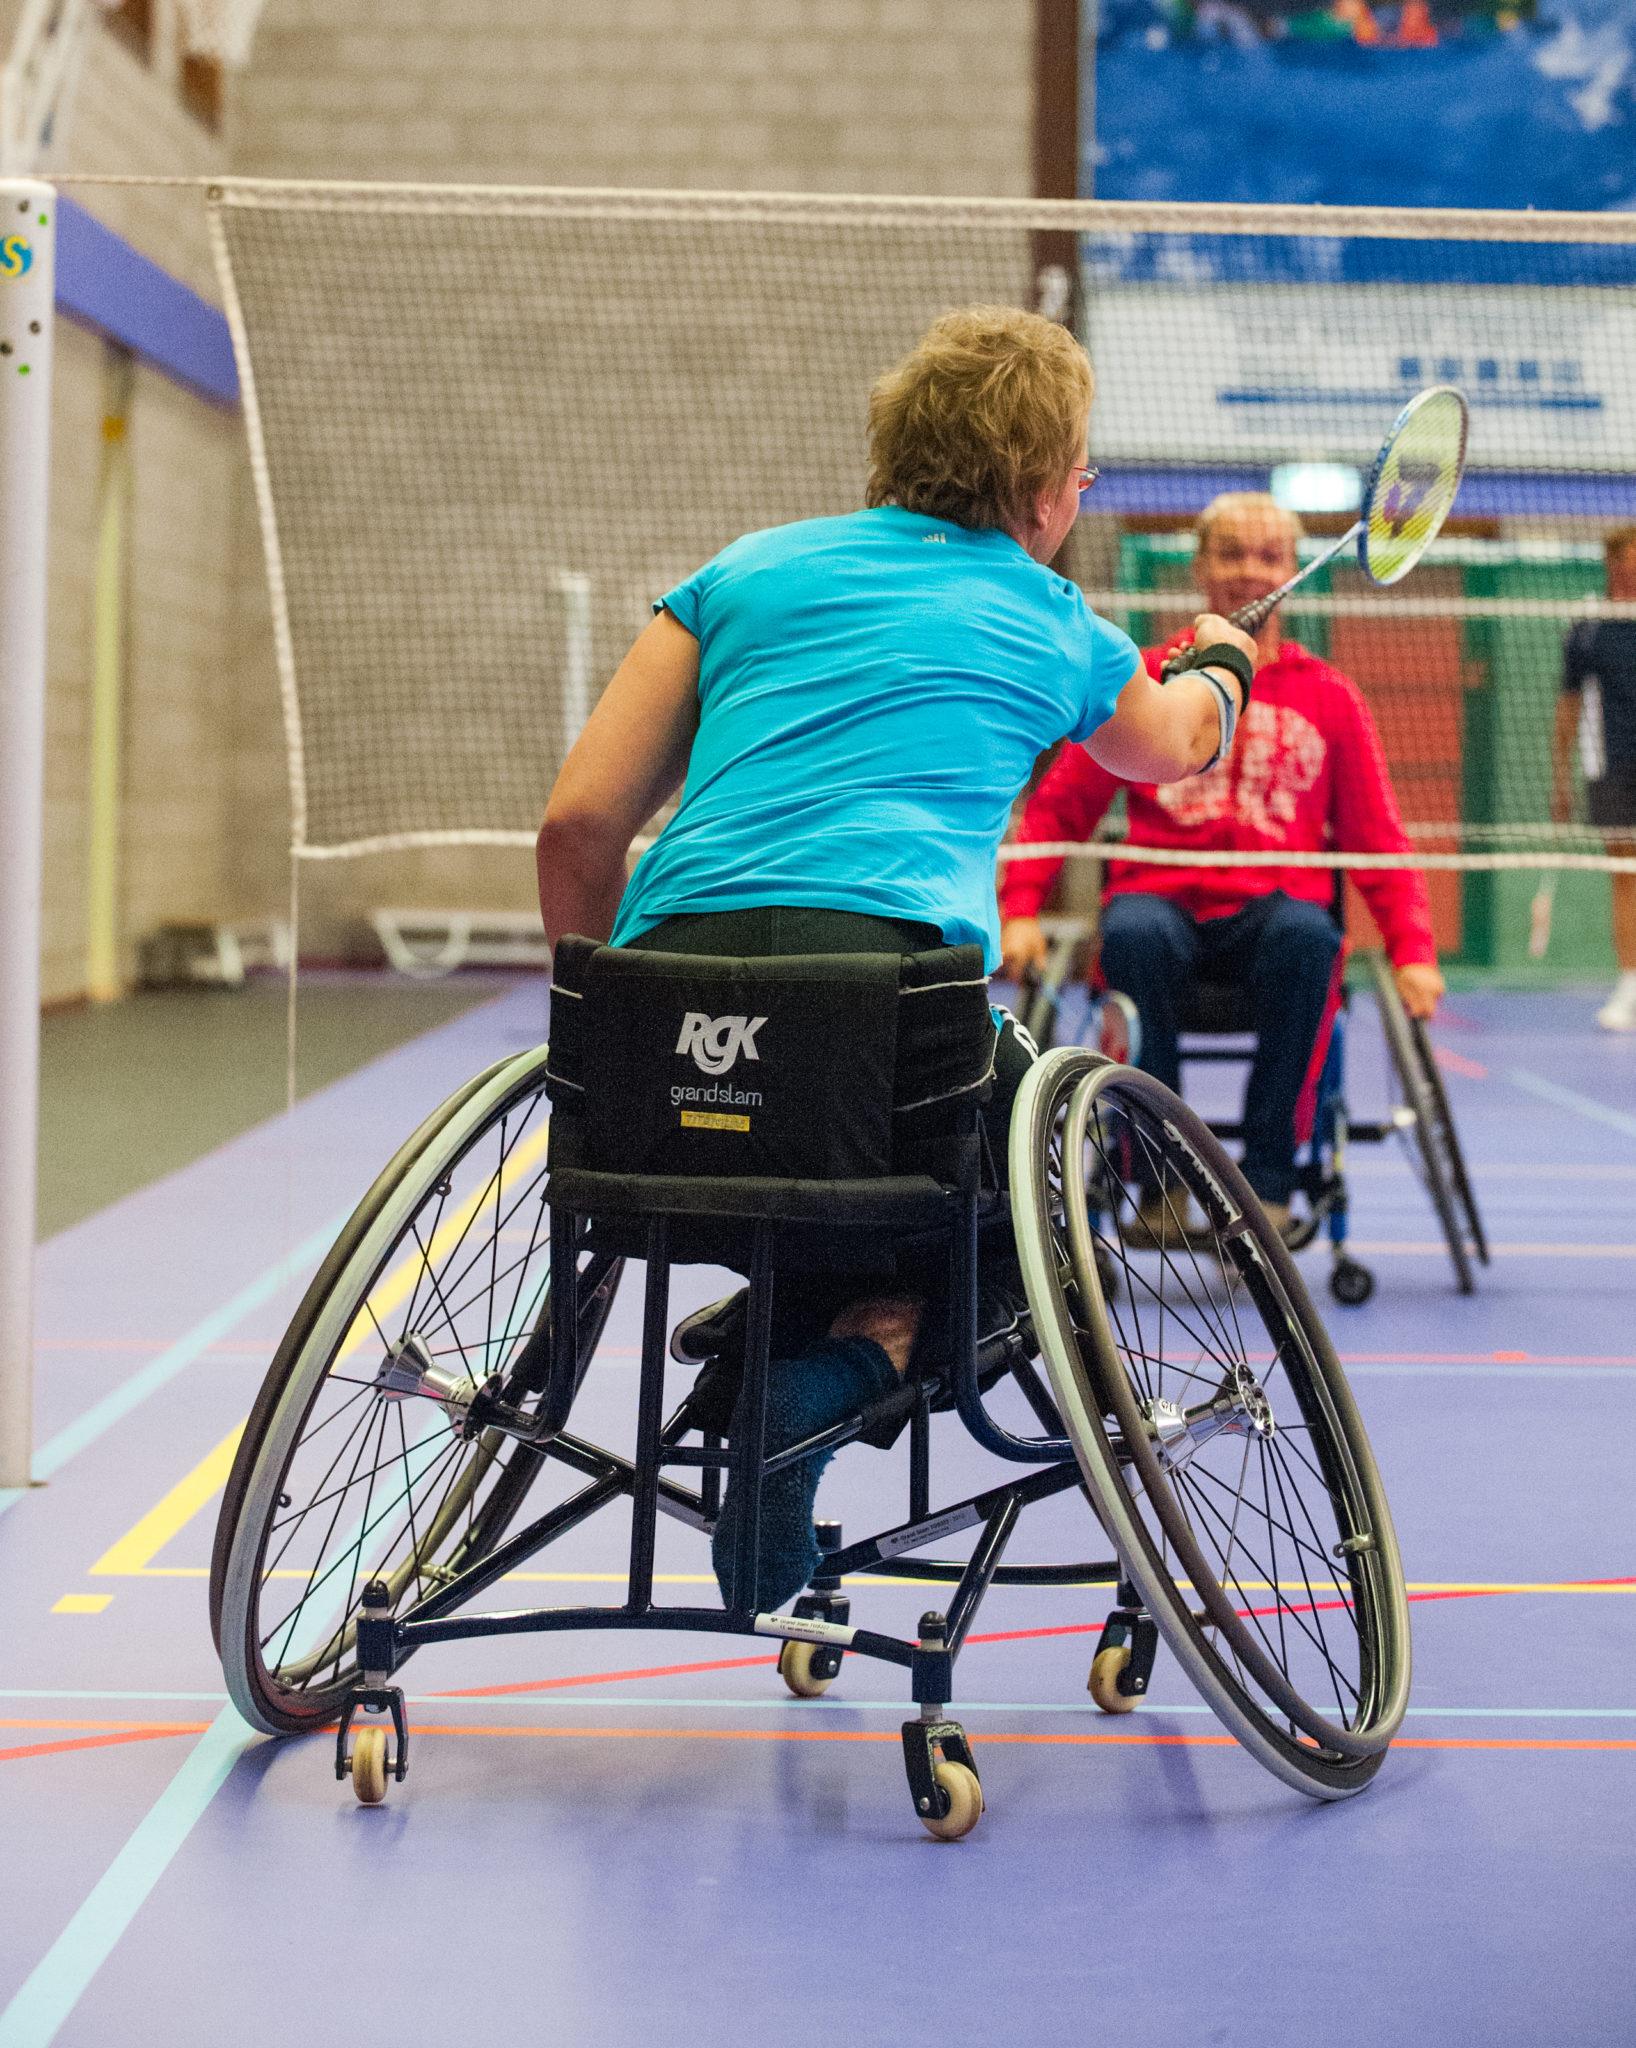 Zodat mensen met een beperking ook de kracht van sport en bewegen kunnen ervaren organiseer Team Sportservice bijeenkomsten Grenzeloos Actief